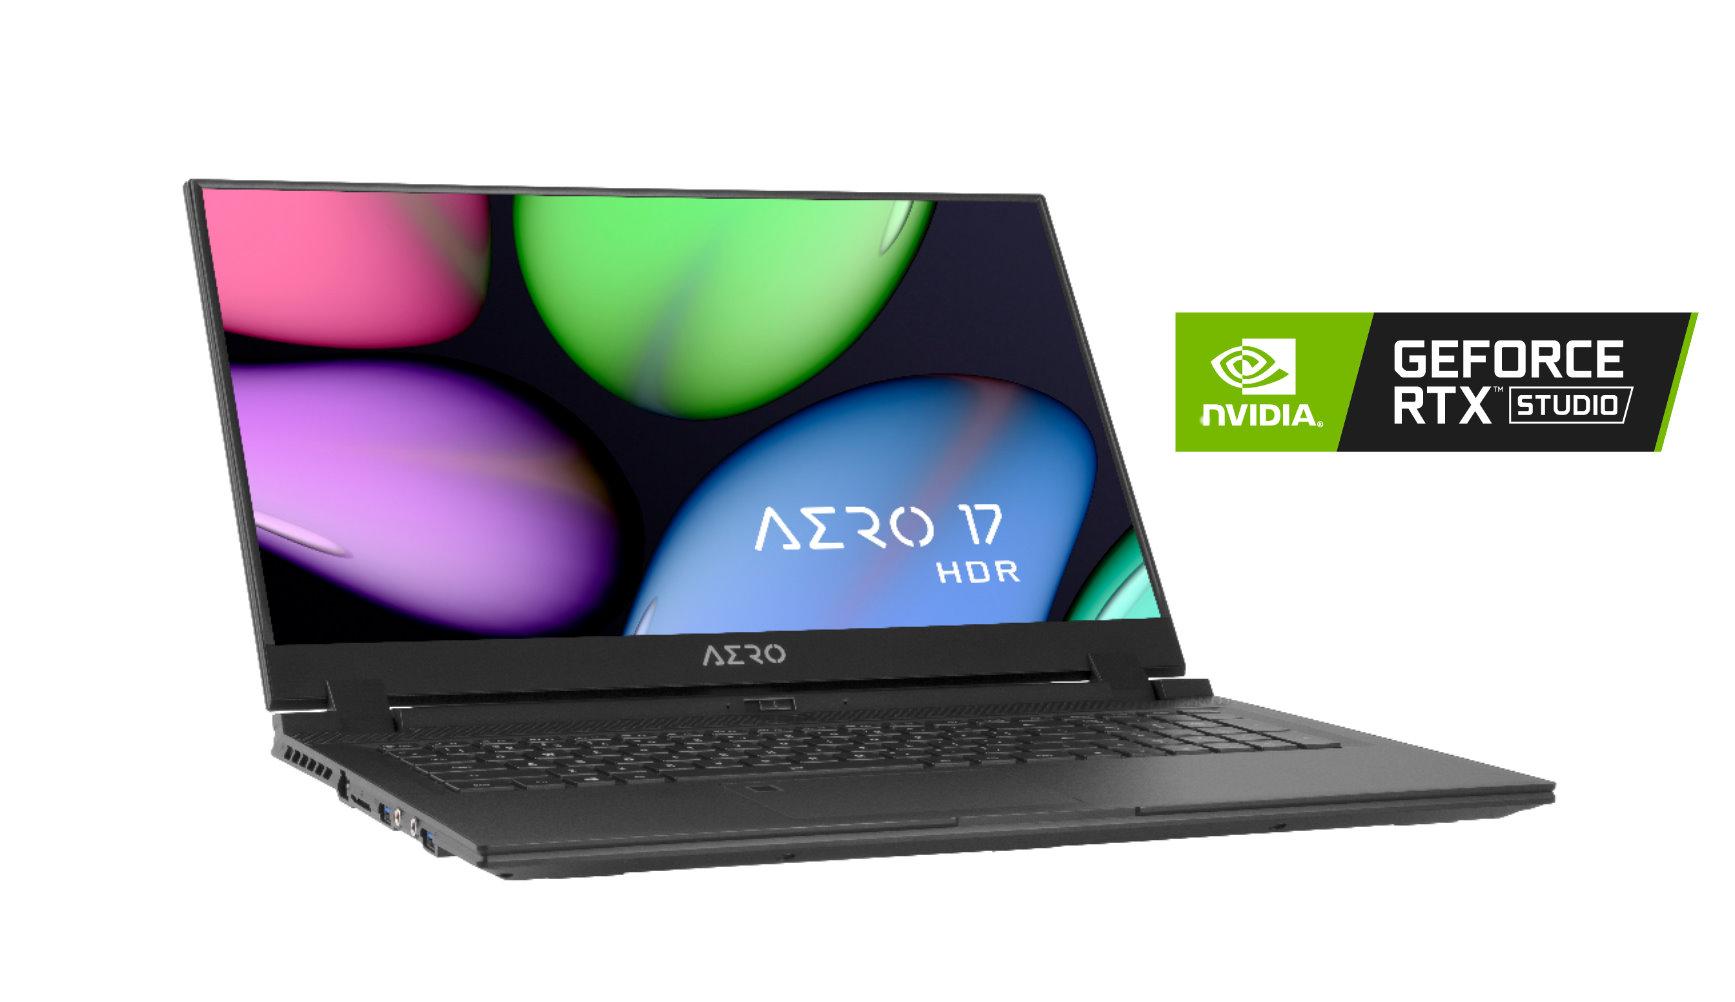 視界更寬廣 技嘉創作者筆電AERO 17 HDR上市 最高搭載8核心i9處理器和RTX STUDIO創作者筆電認證